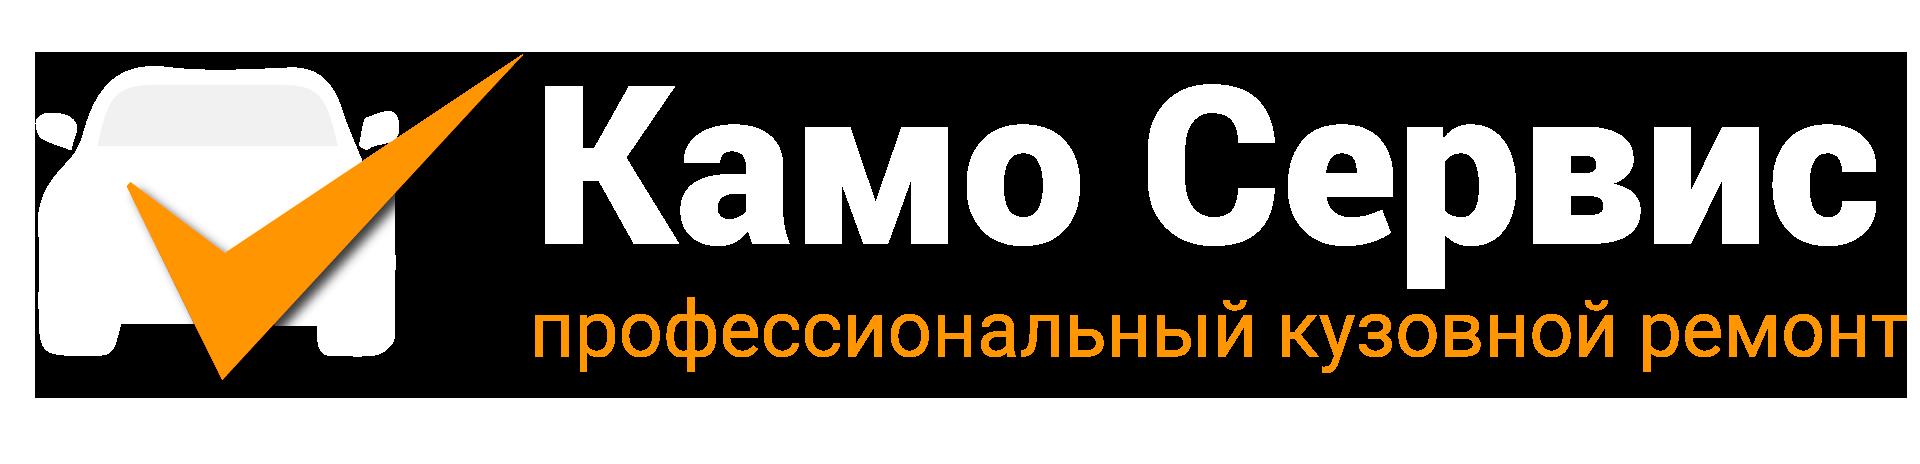 Камо Сервис